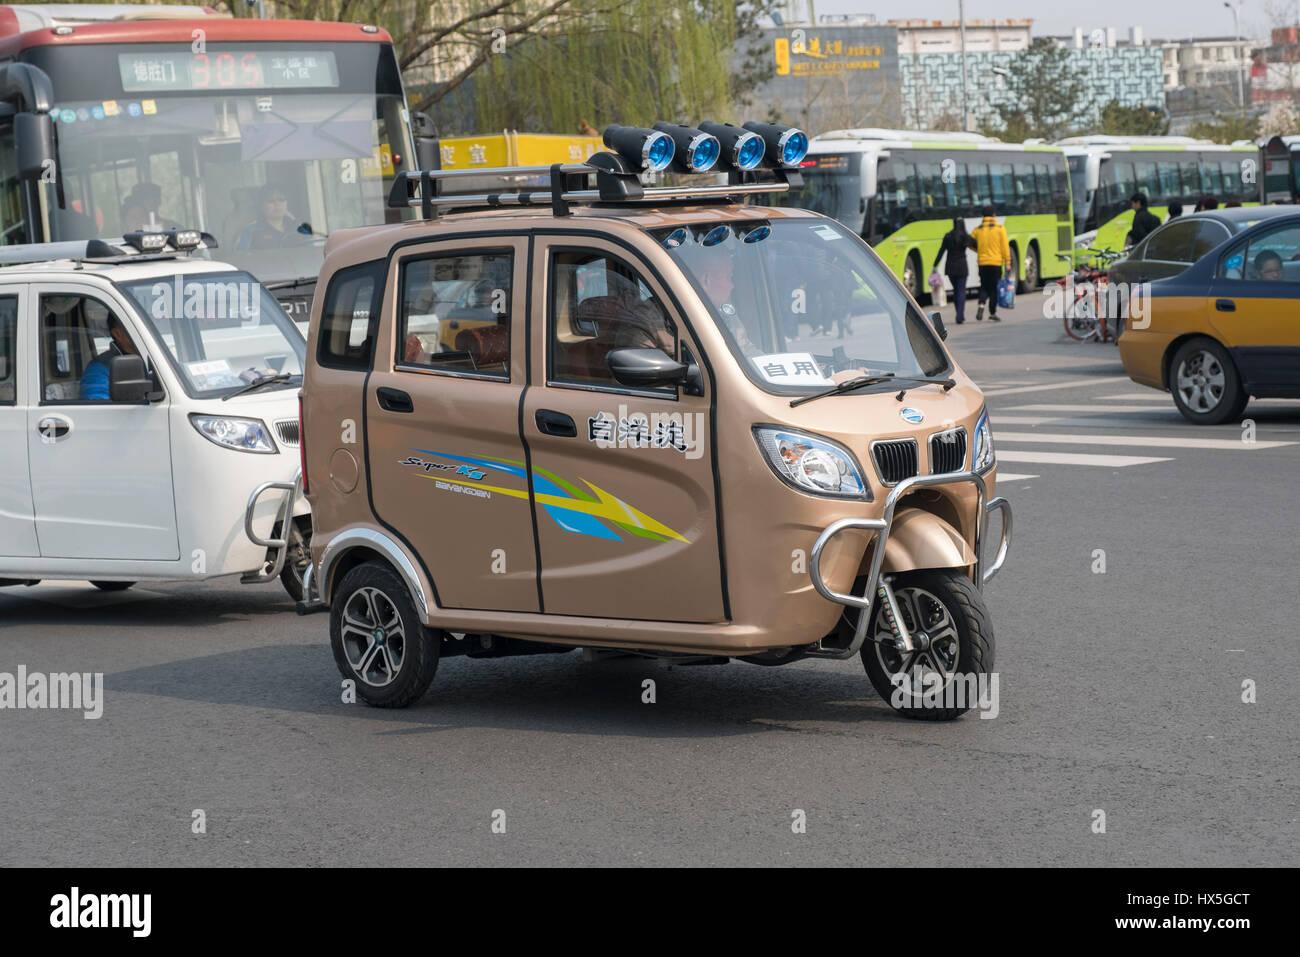 Unlicensed mini auto elettrica a Pechino in Cina. 27-Mar-2017 Immagini Stock